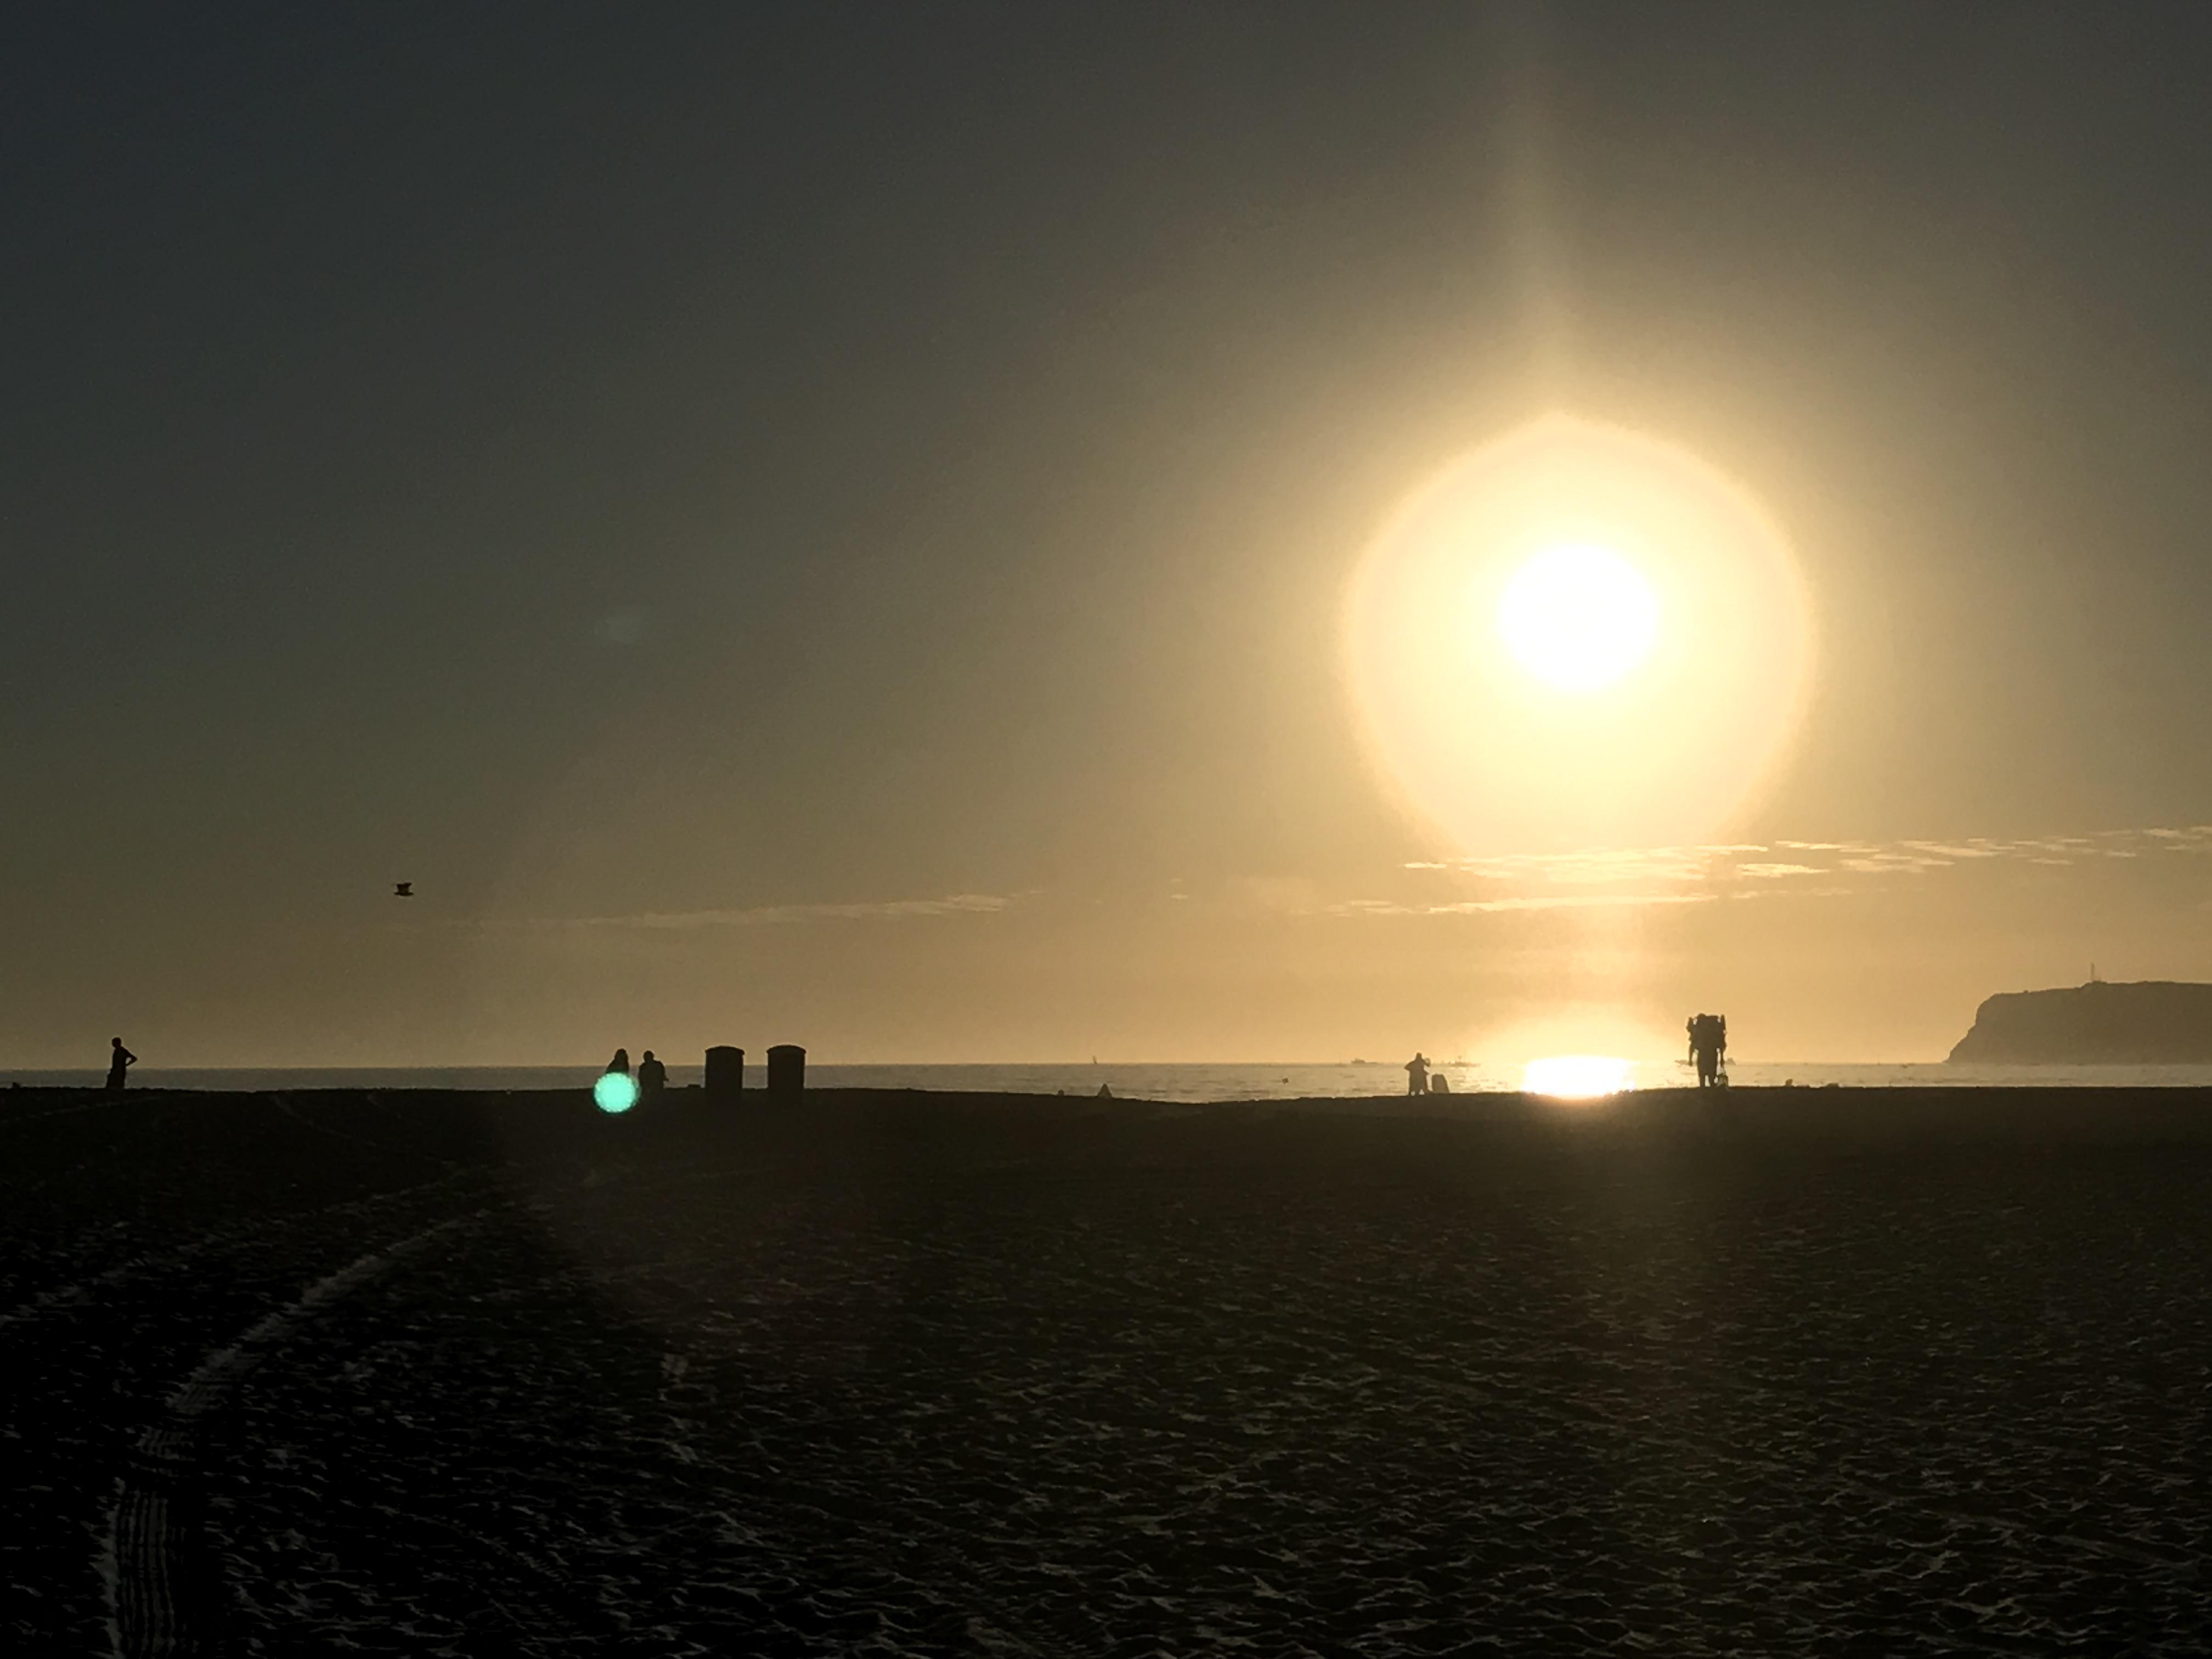 a sun or an orb?